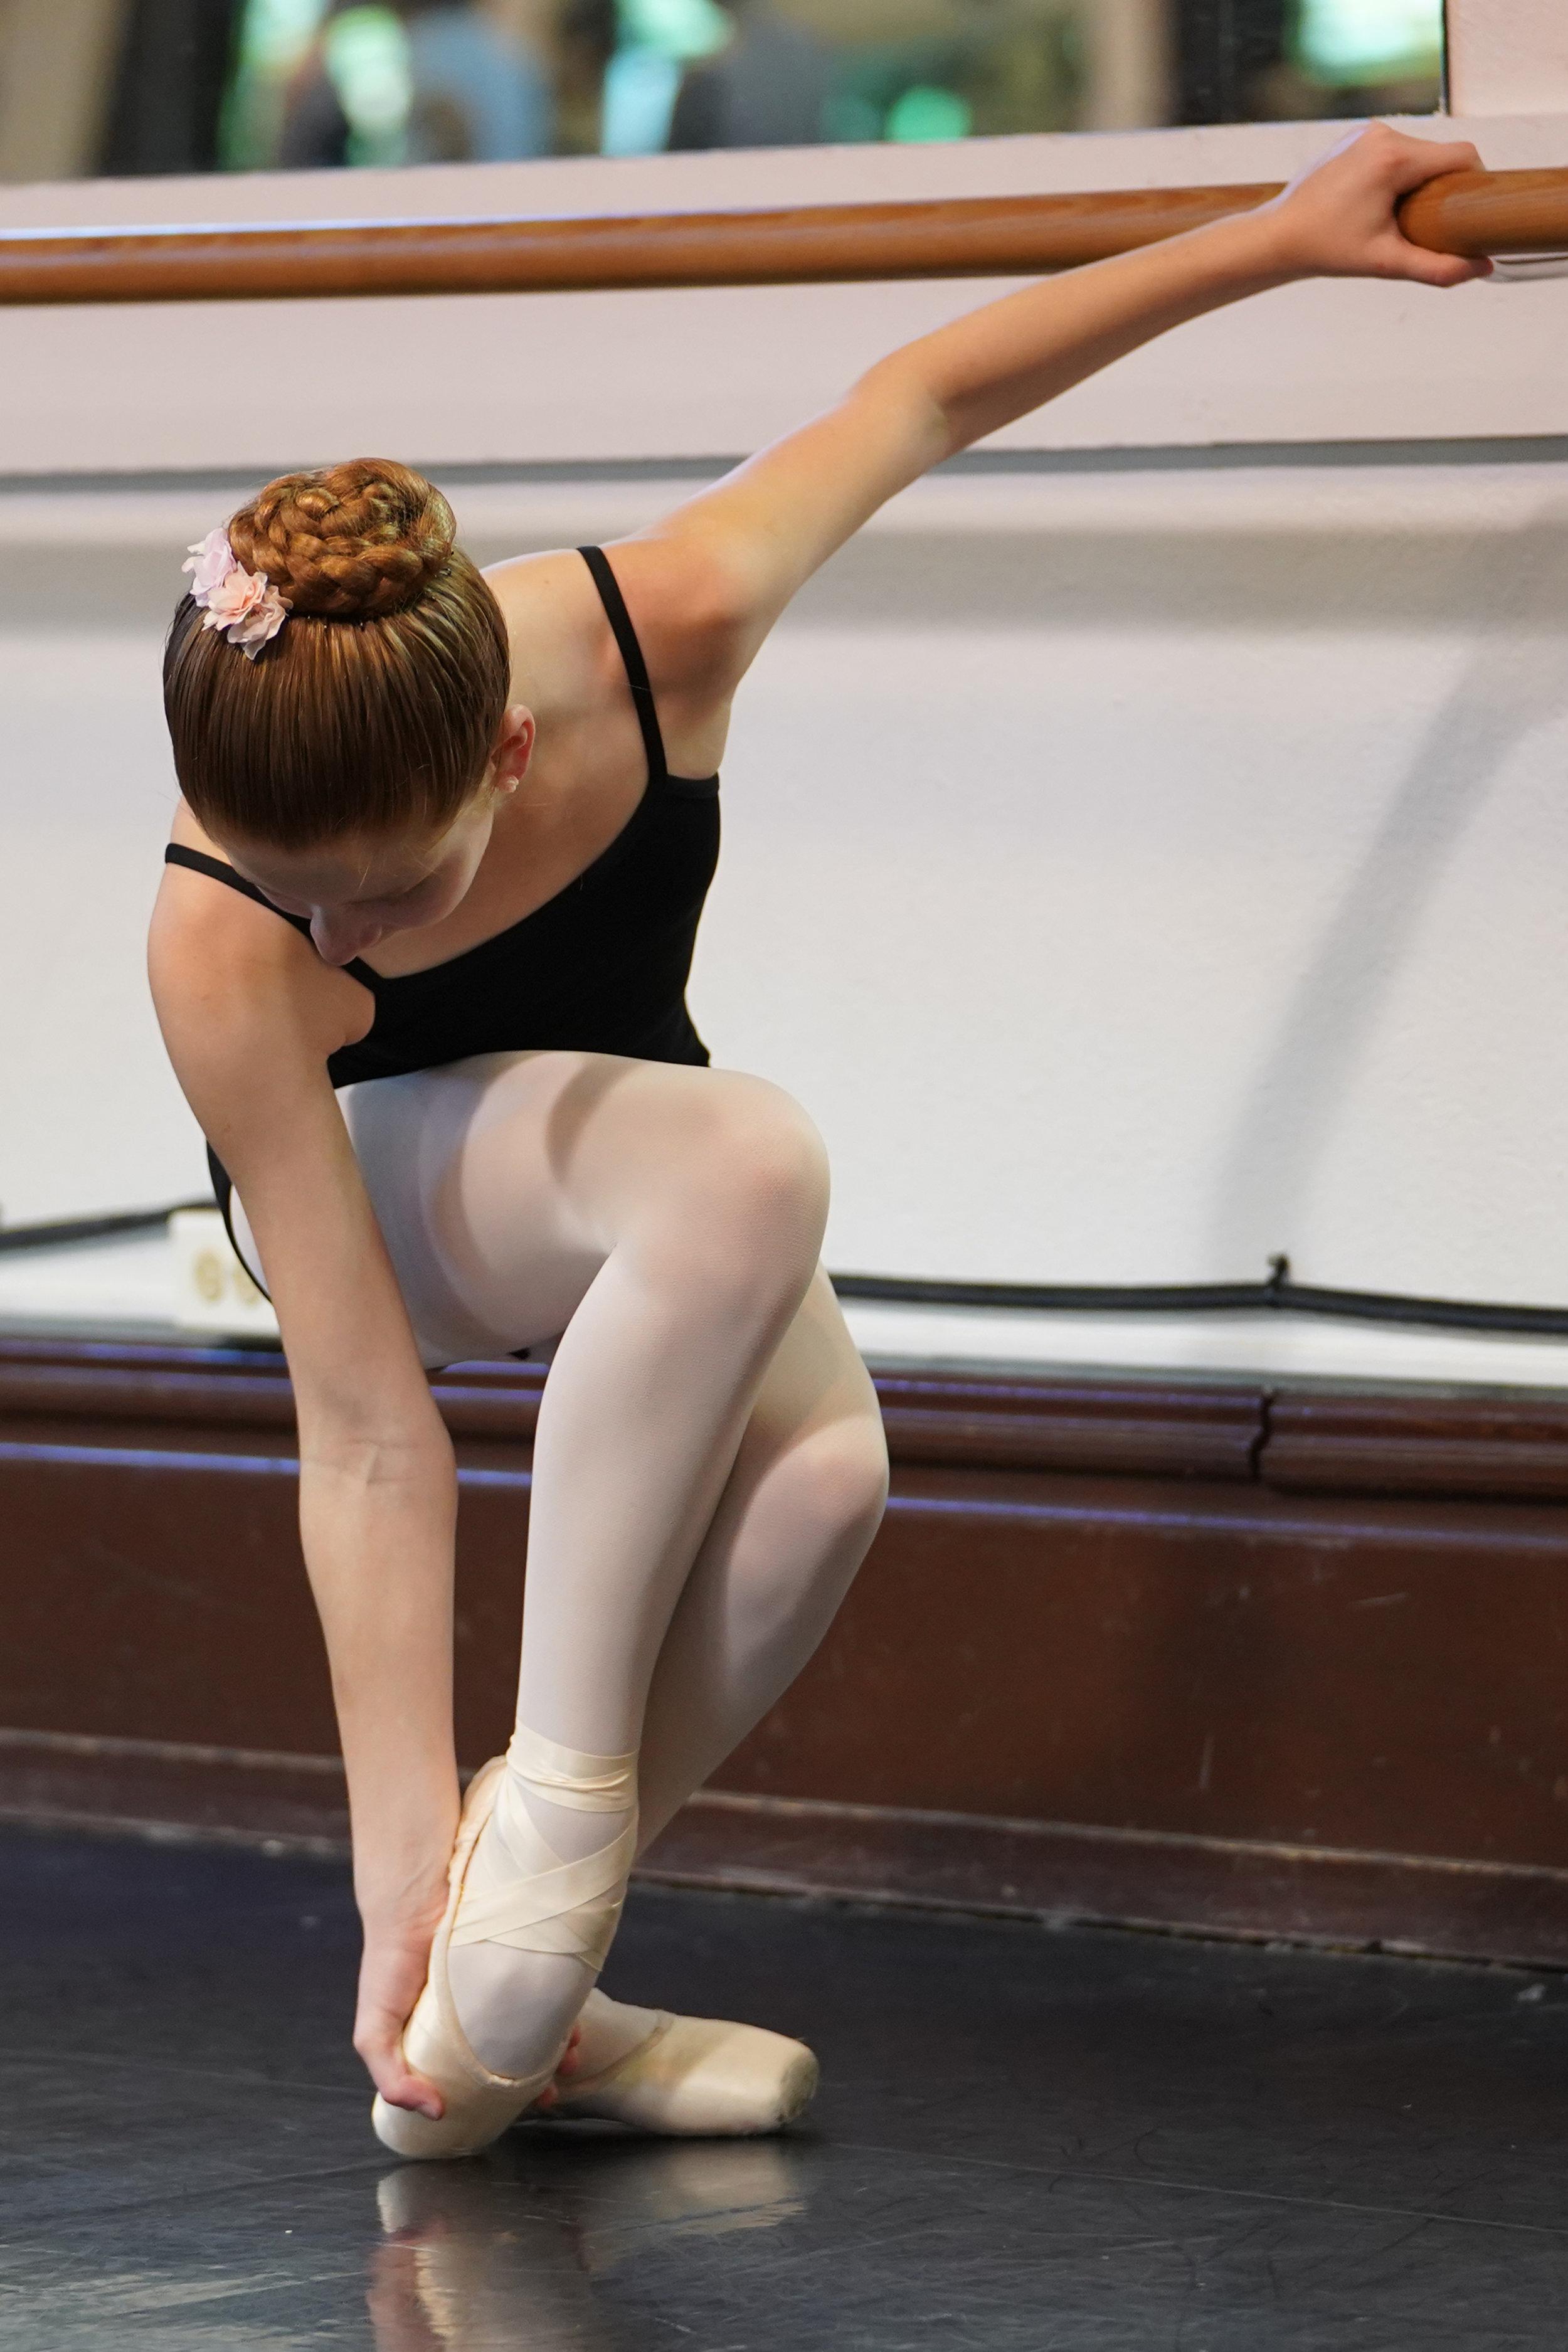 Dancer breaks in pointe shoes